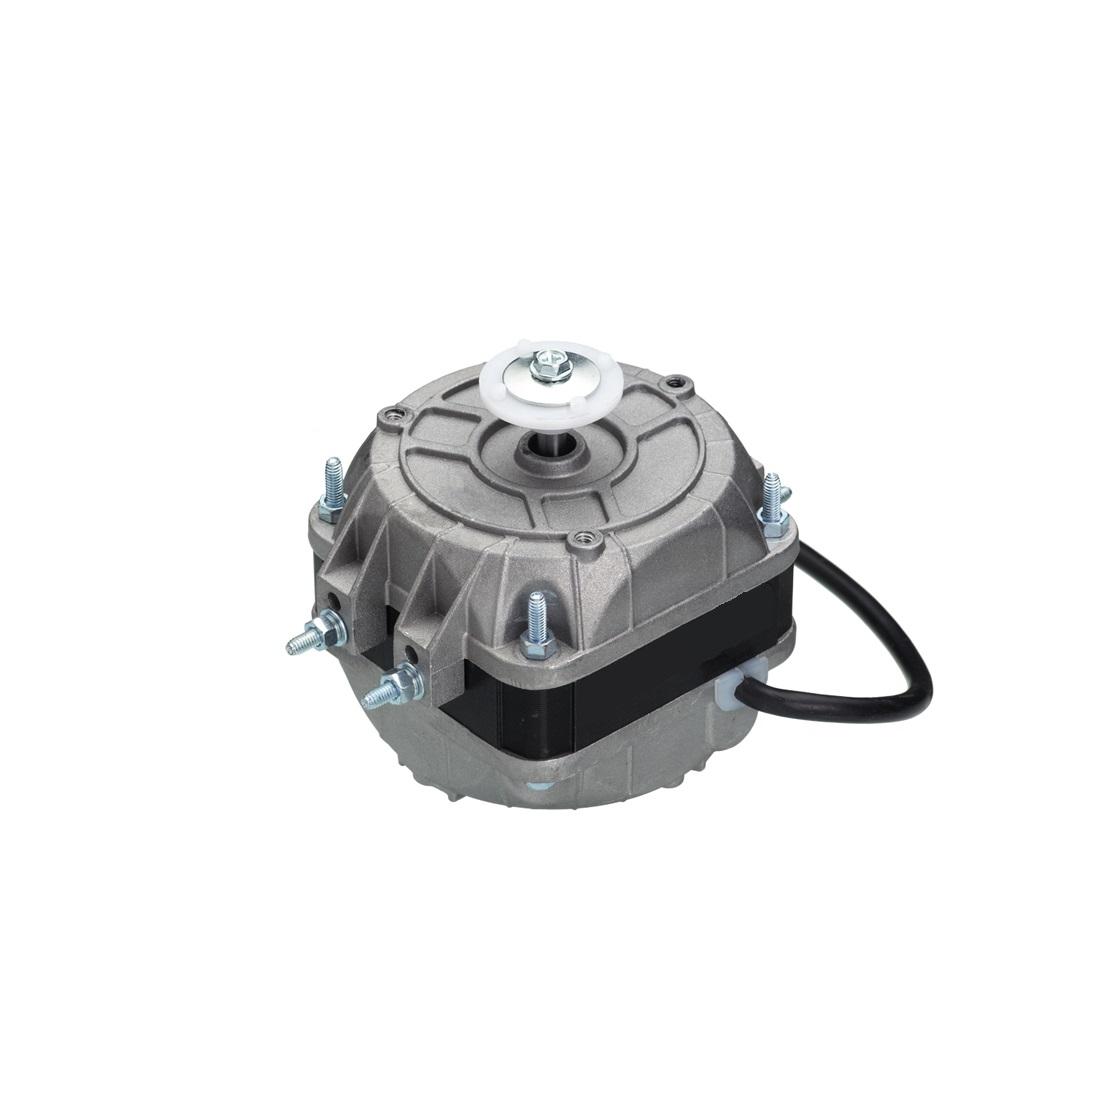 Pole Star 7w Multi-fit Fan Motor